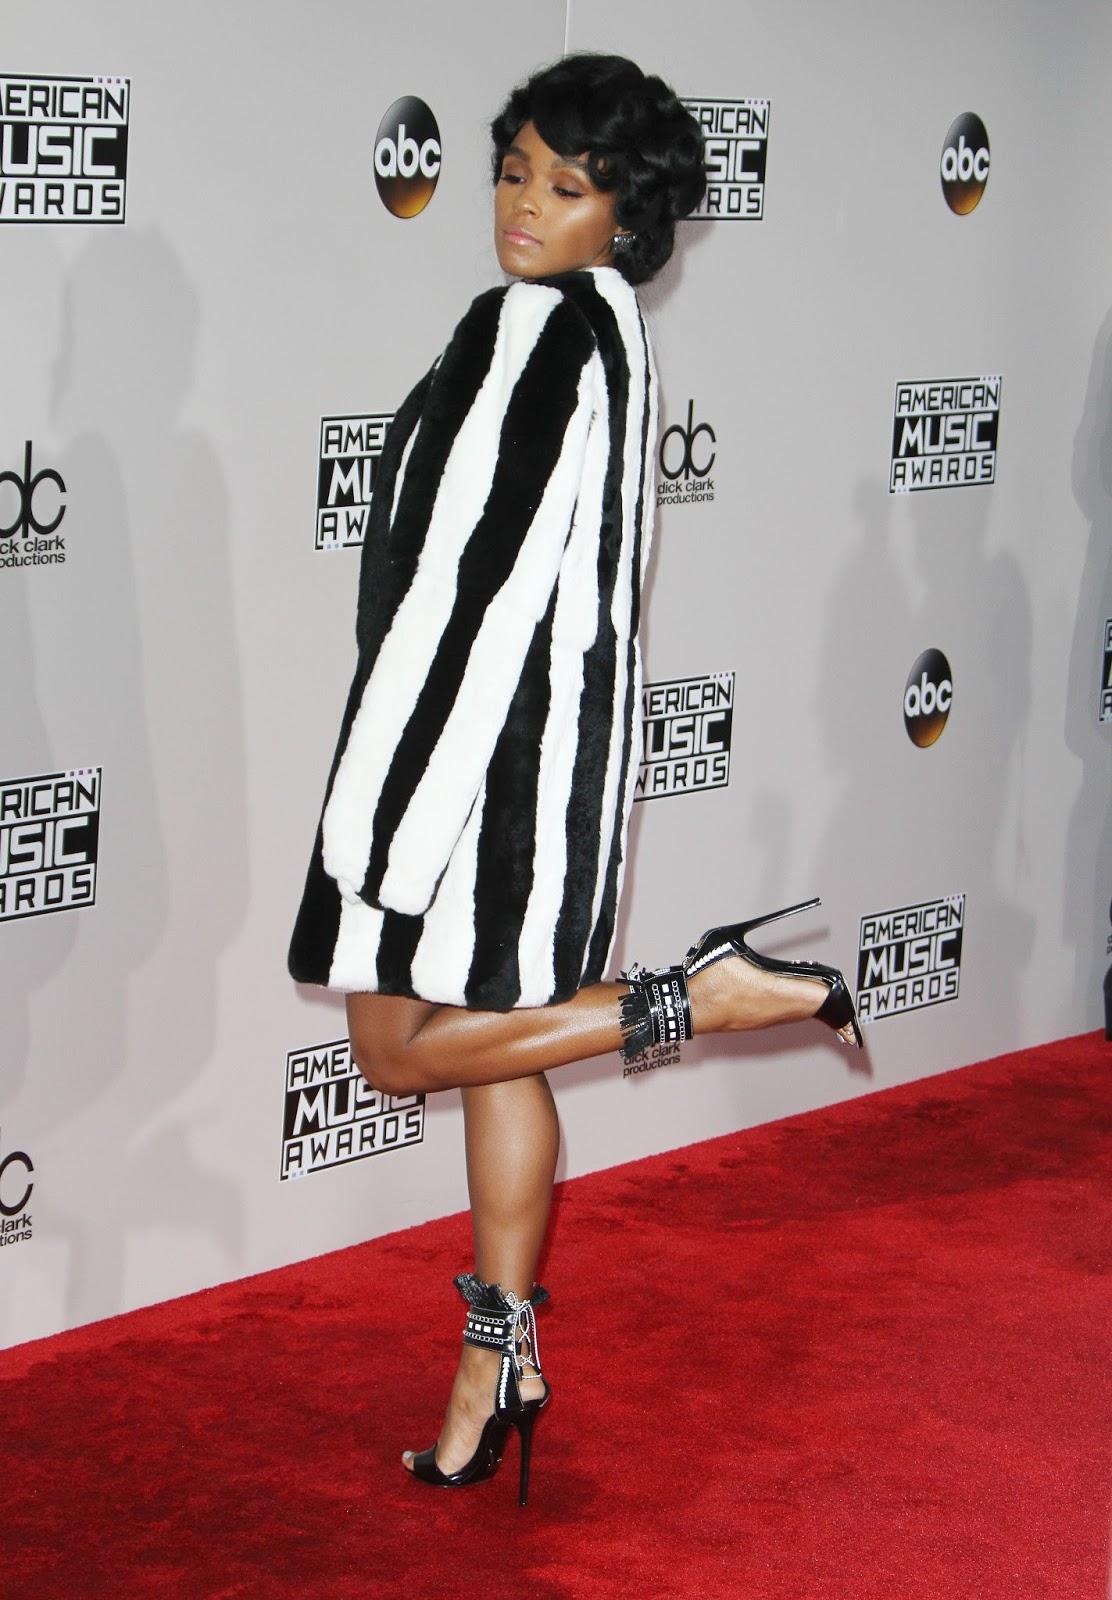 Janelle Monáe Red Carpet Photos & Shoes – Meeko Spark TV